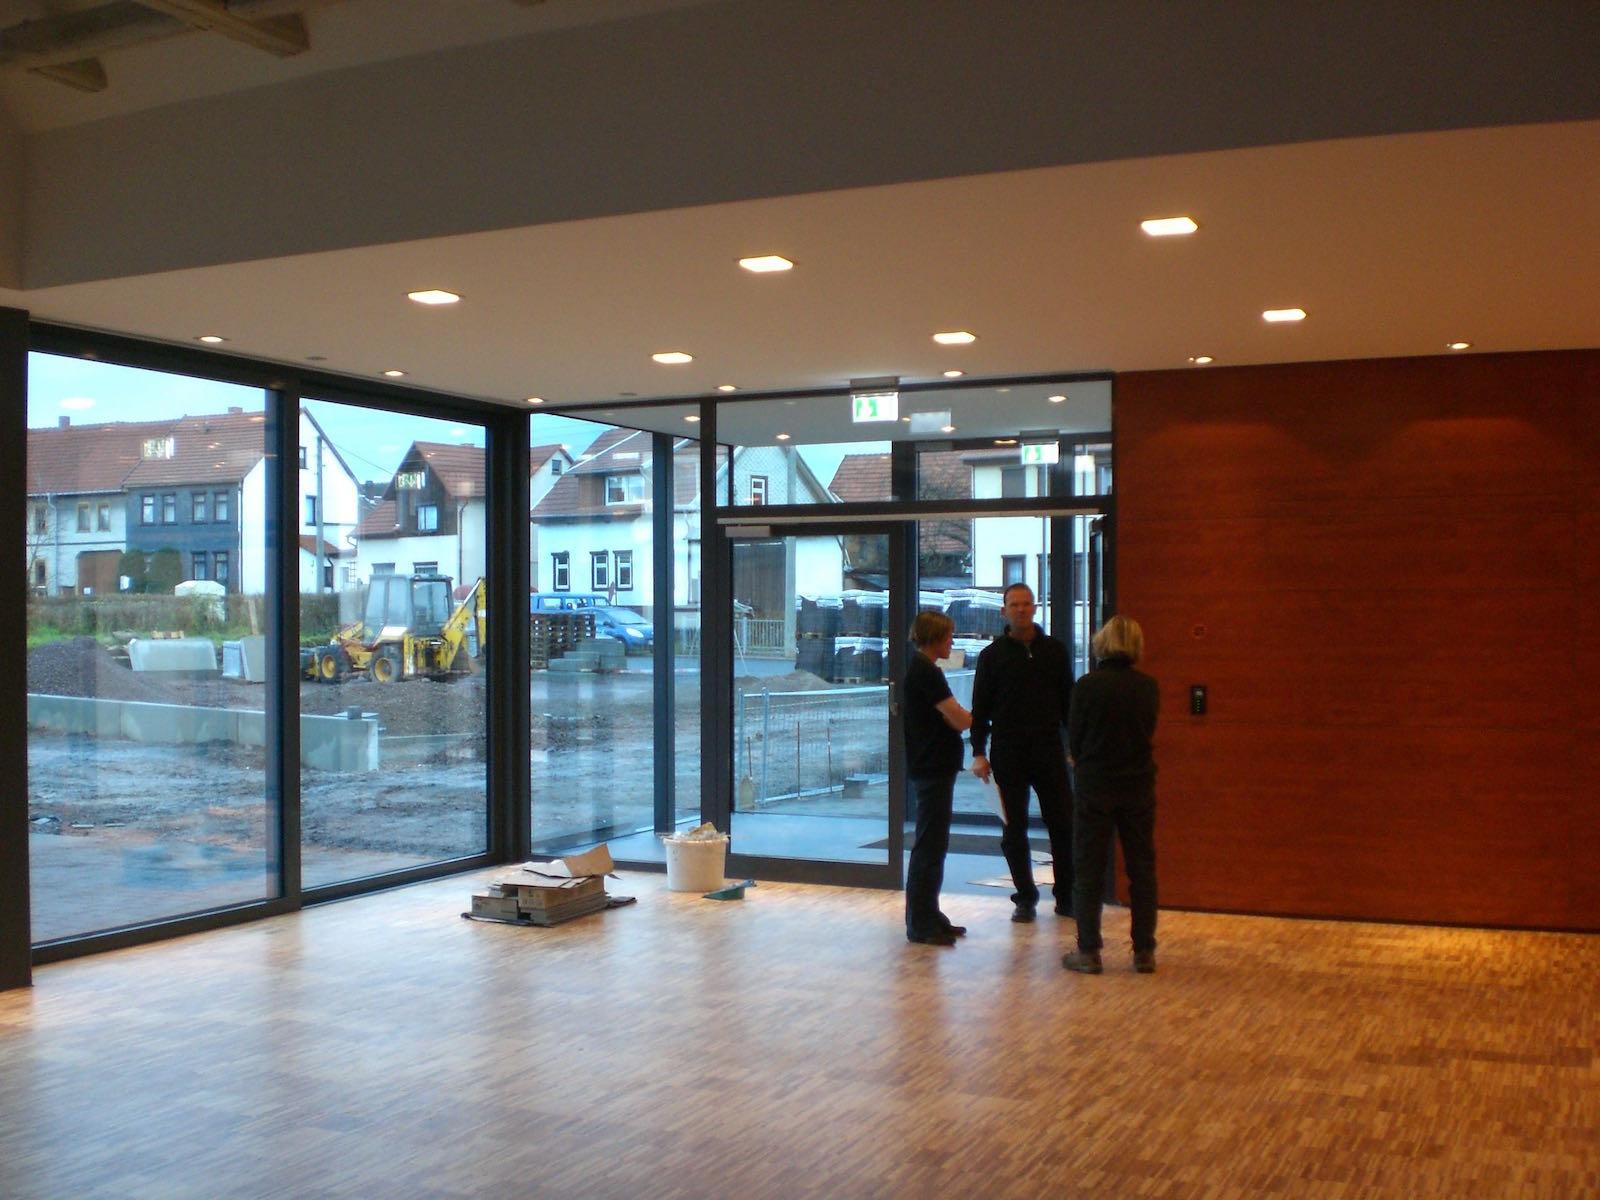 gemeindezentrum-wahlwinkel-1